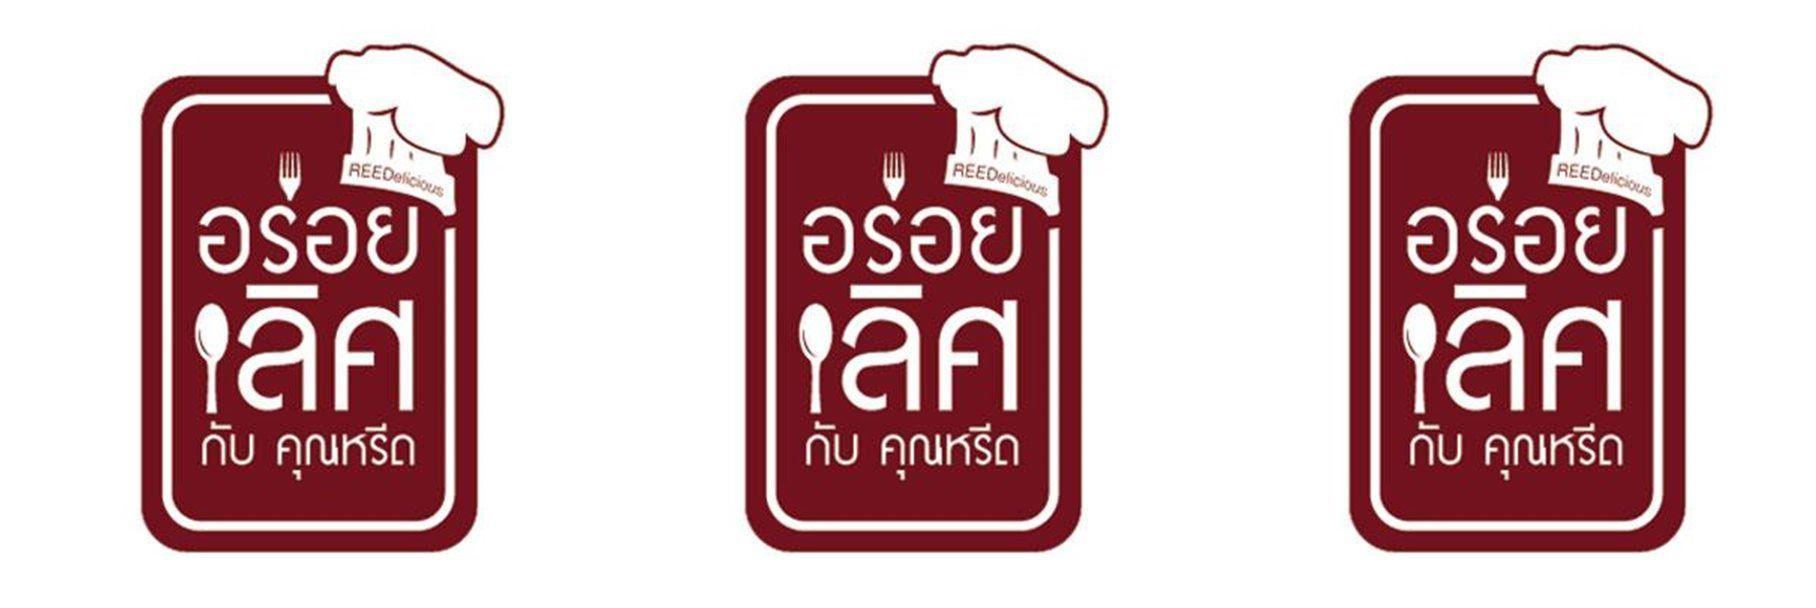 ดูละครย้อนหลัง อาหารฝรั่งเศษแบบคลาสสิก Artur Restaurant | อร่อยเลิศกับคุณหรีด I 6 มิ.ย. 62